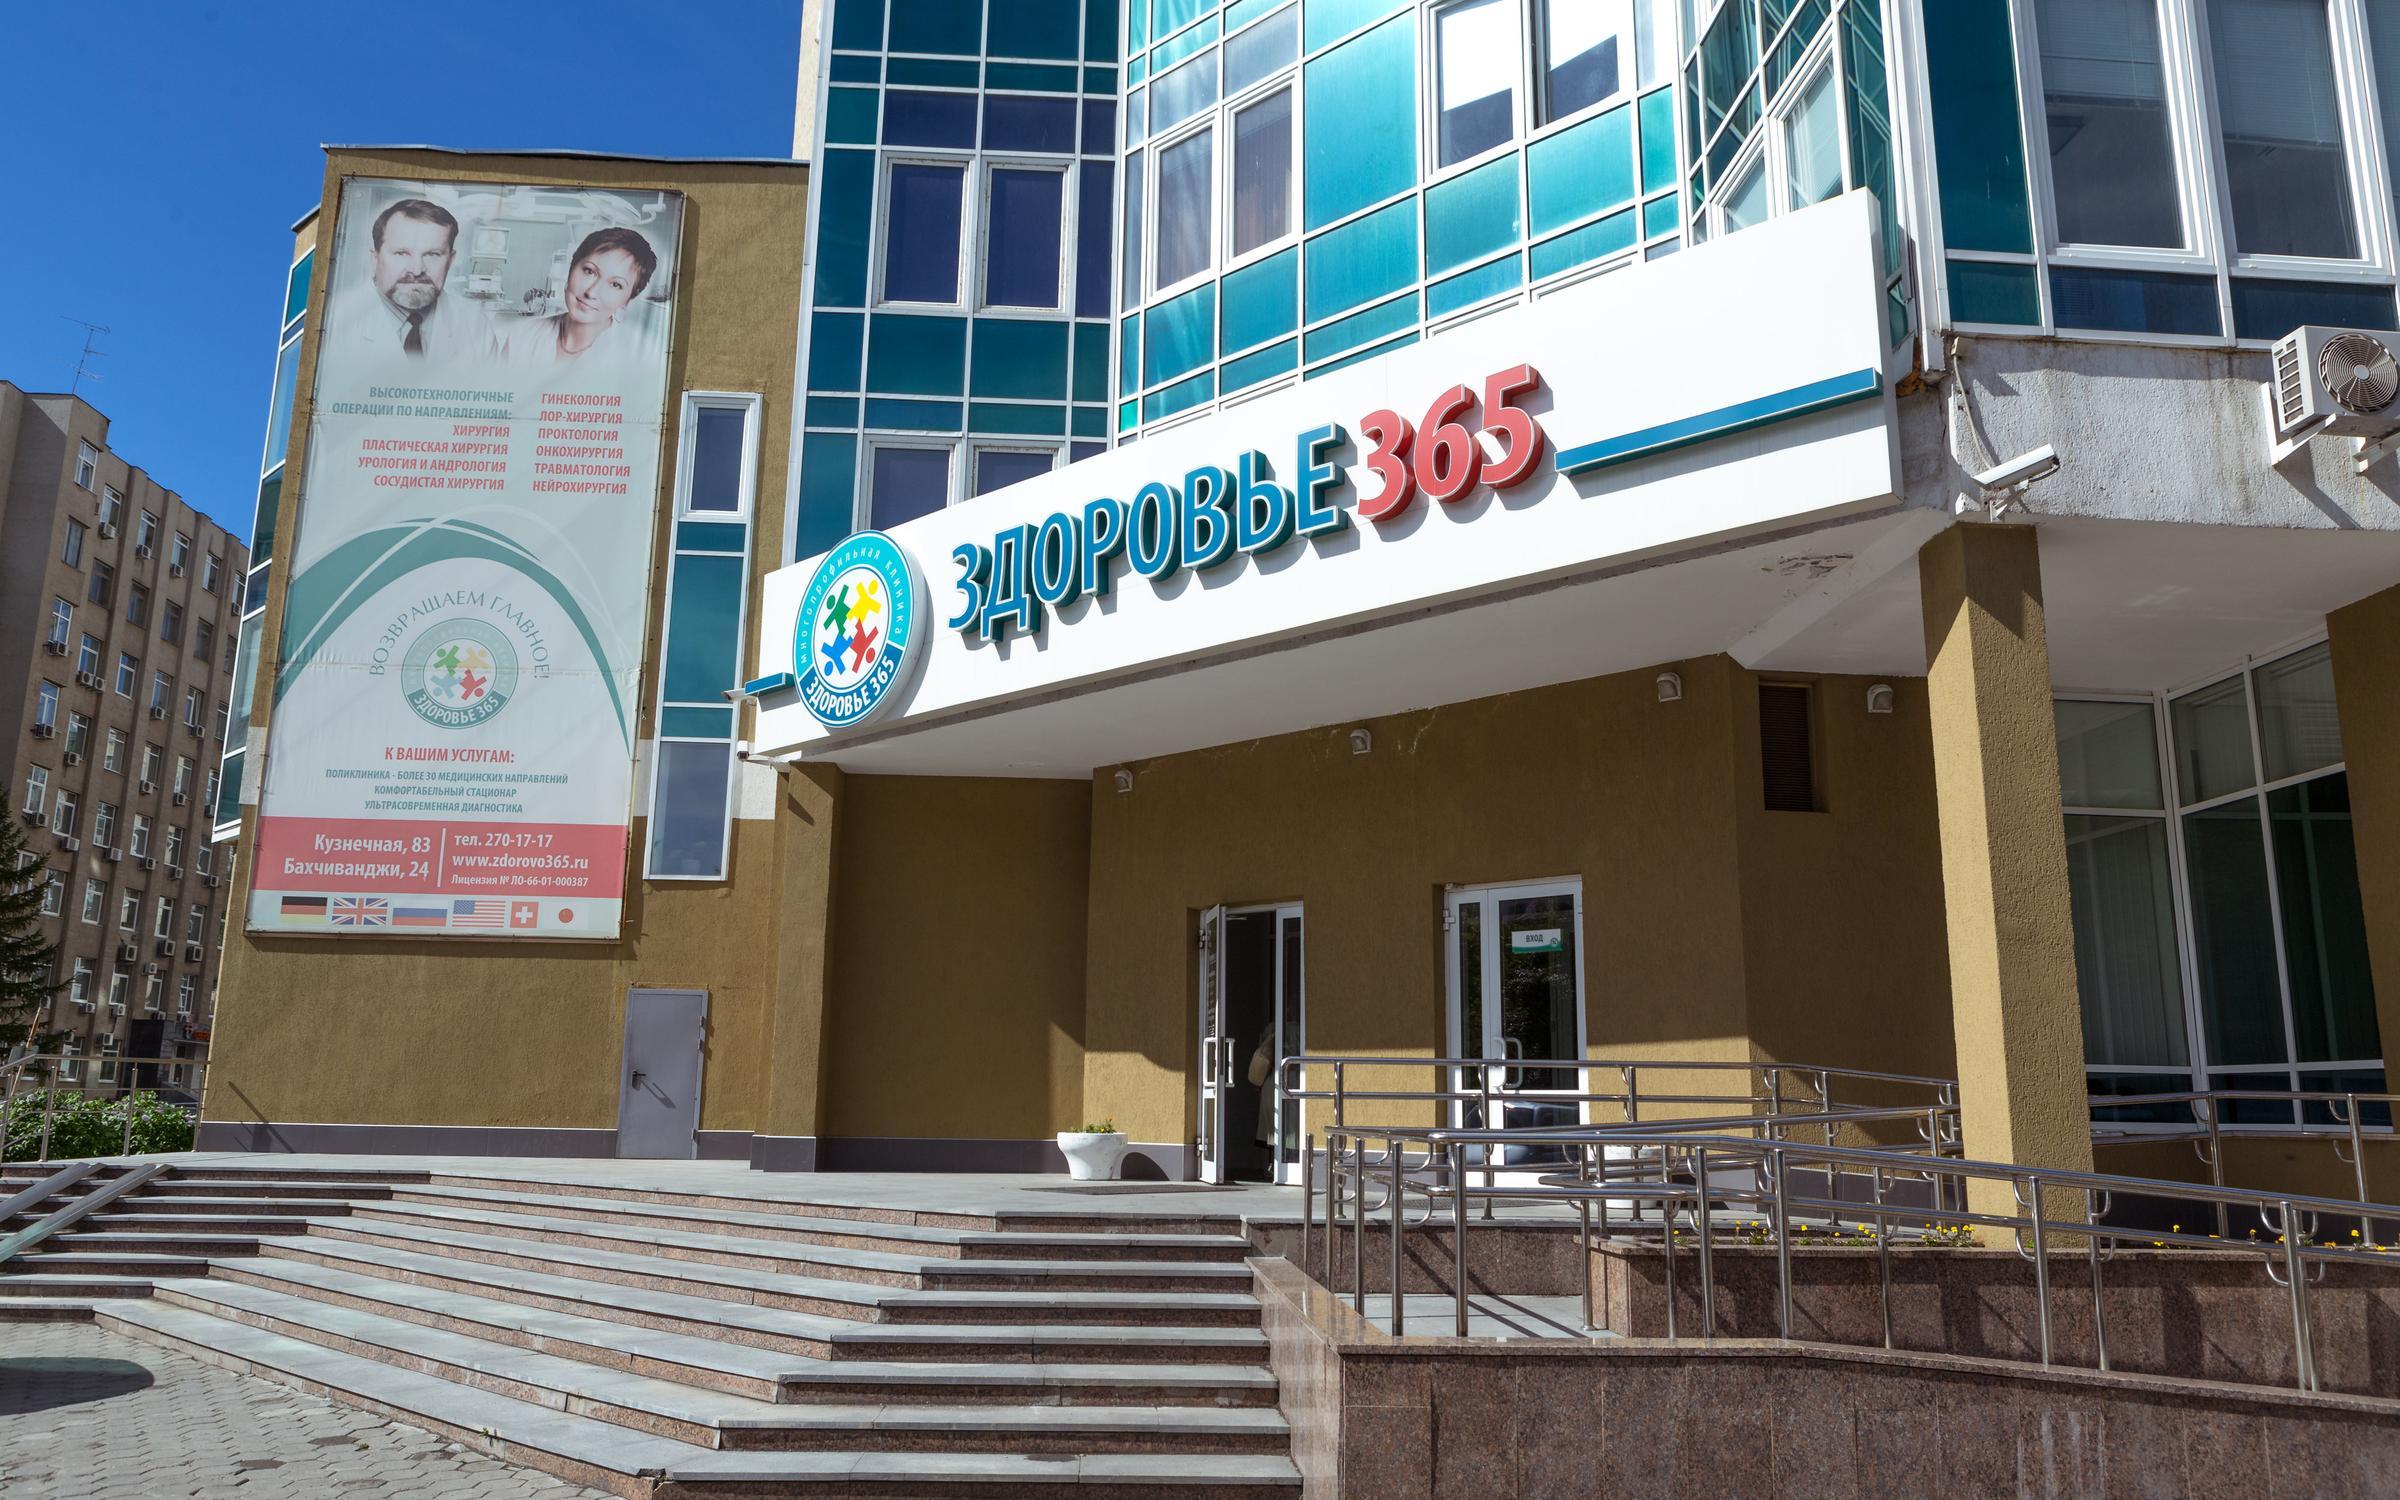 фотография Многопрофильной медицинской клиники Здоровье 365 на Кузнечной улице